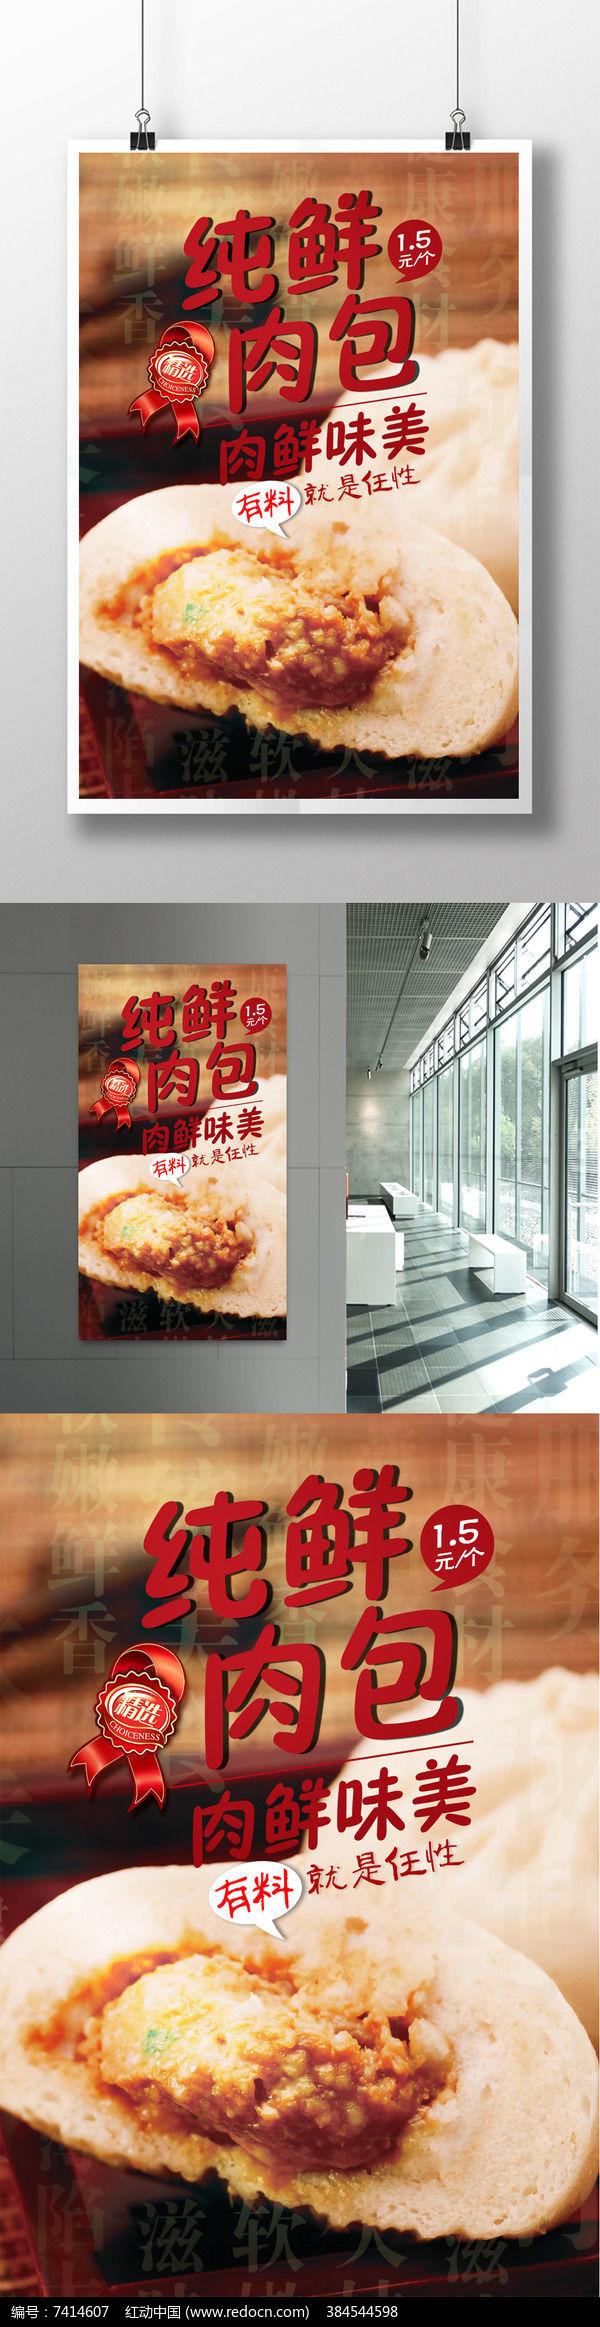 中国风包子面食特色美食文化海报图片